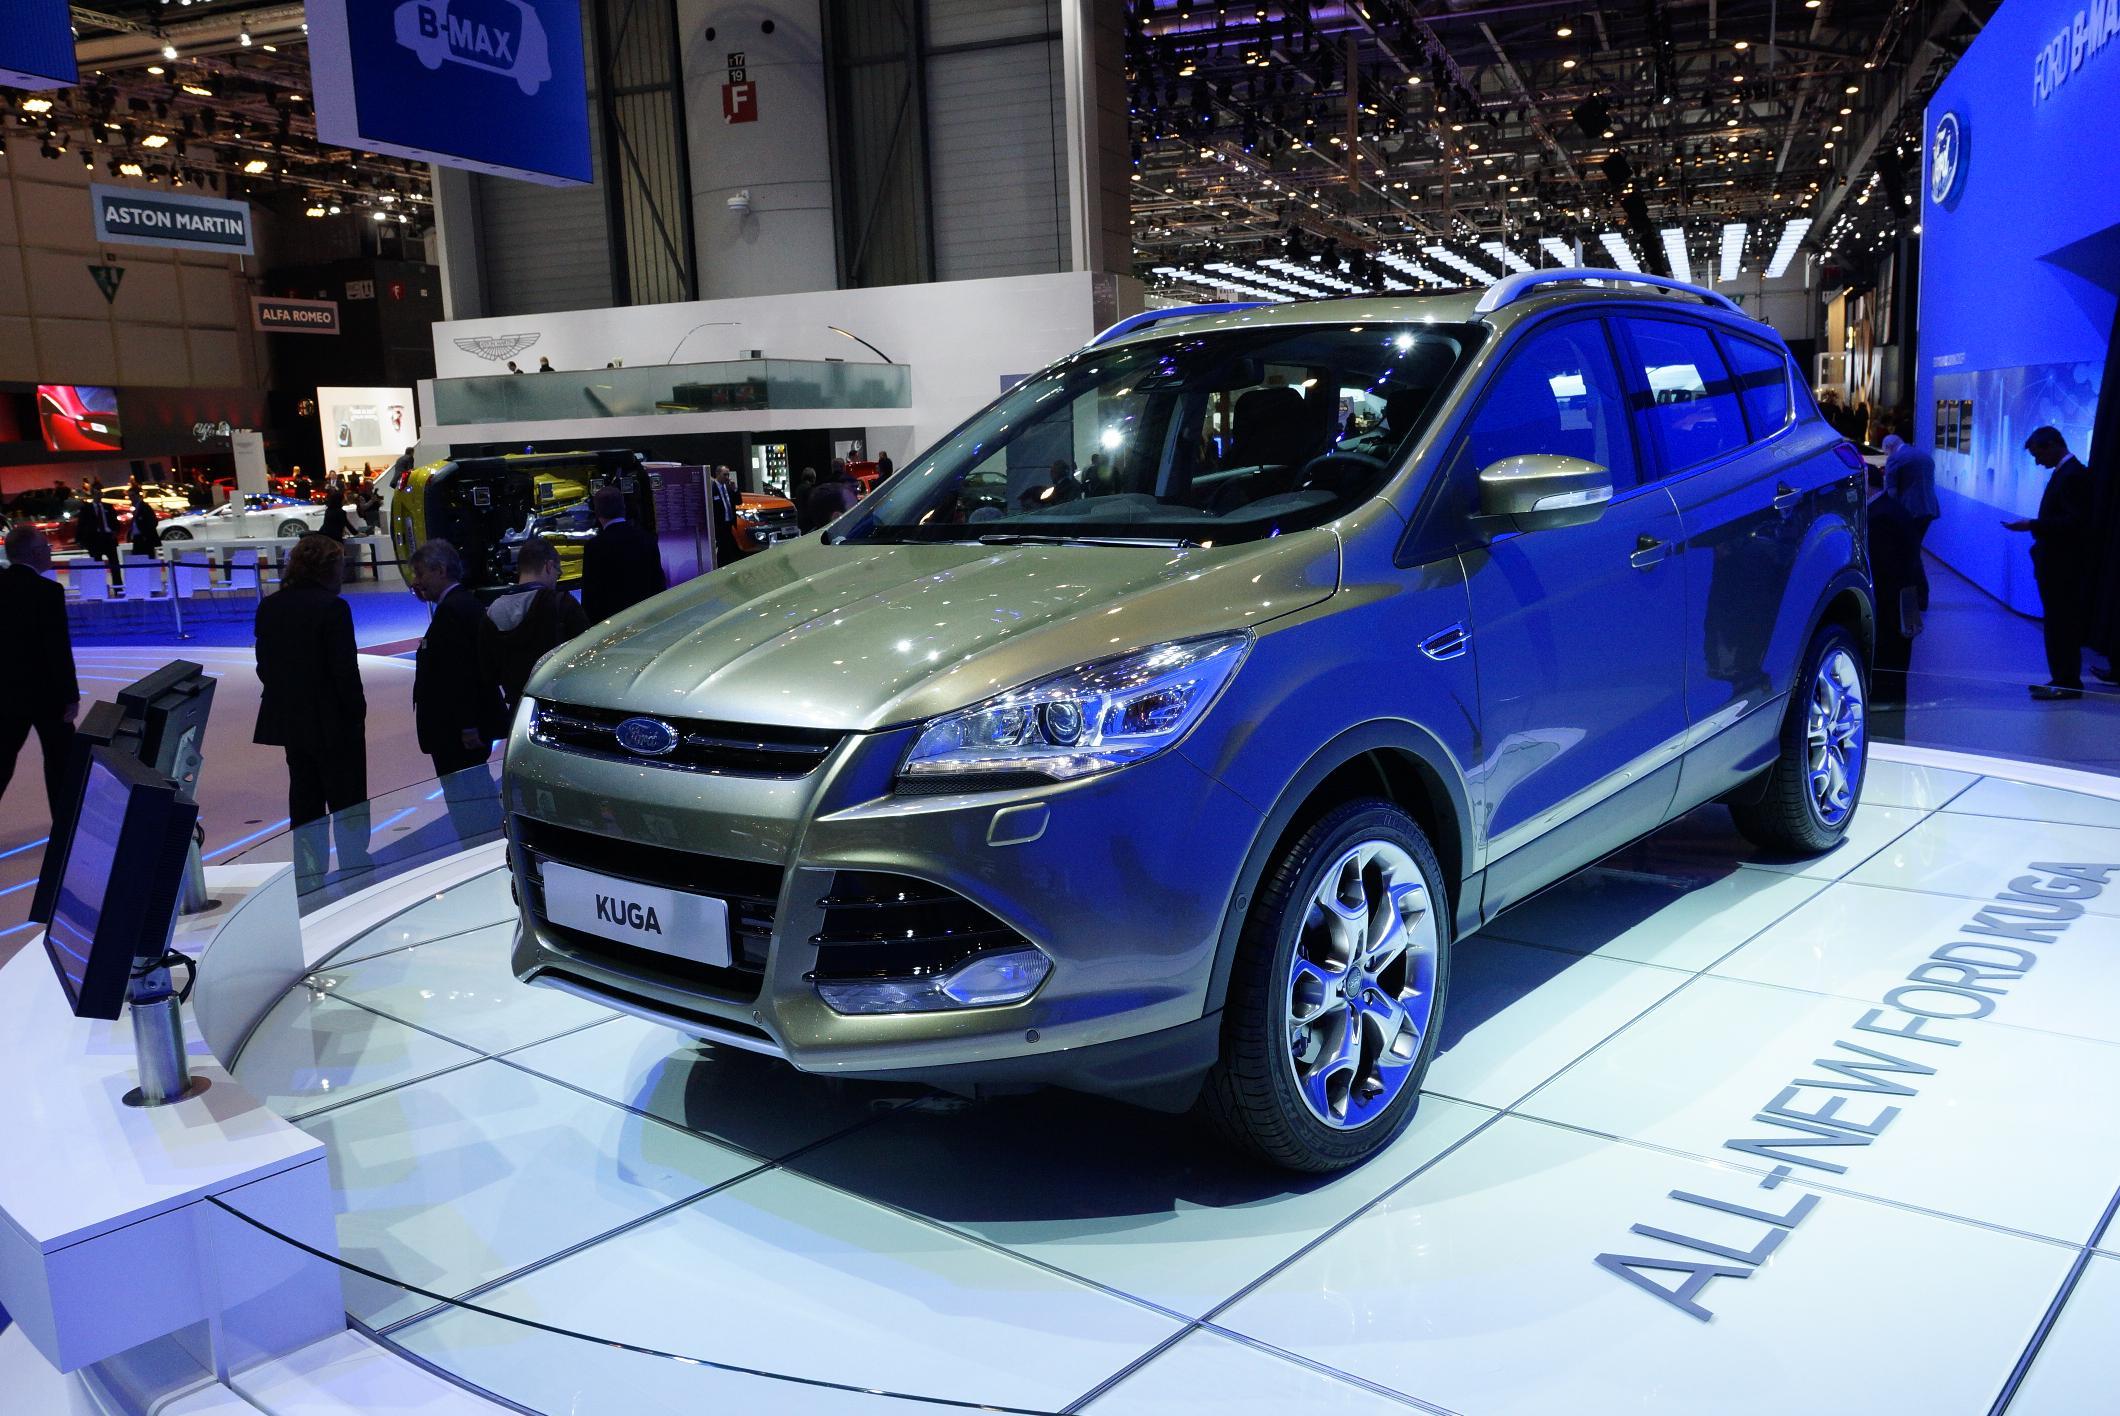 Ford Kuga Geneva 2012